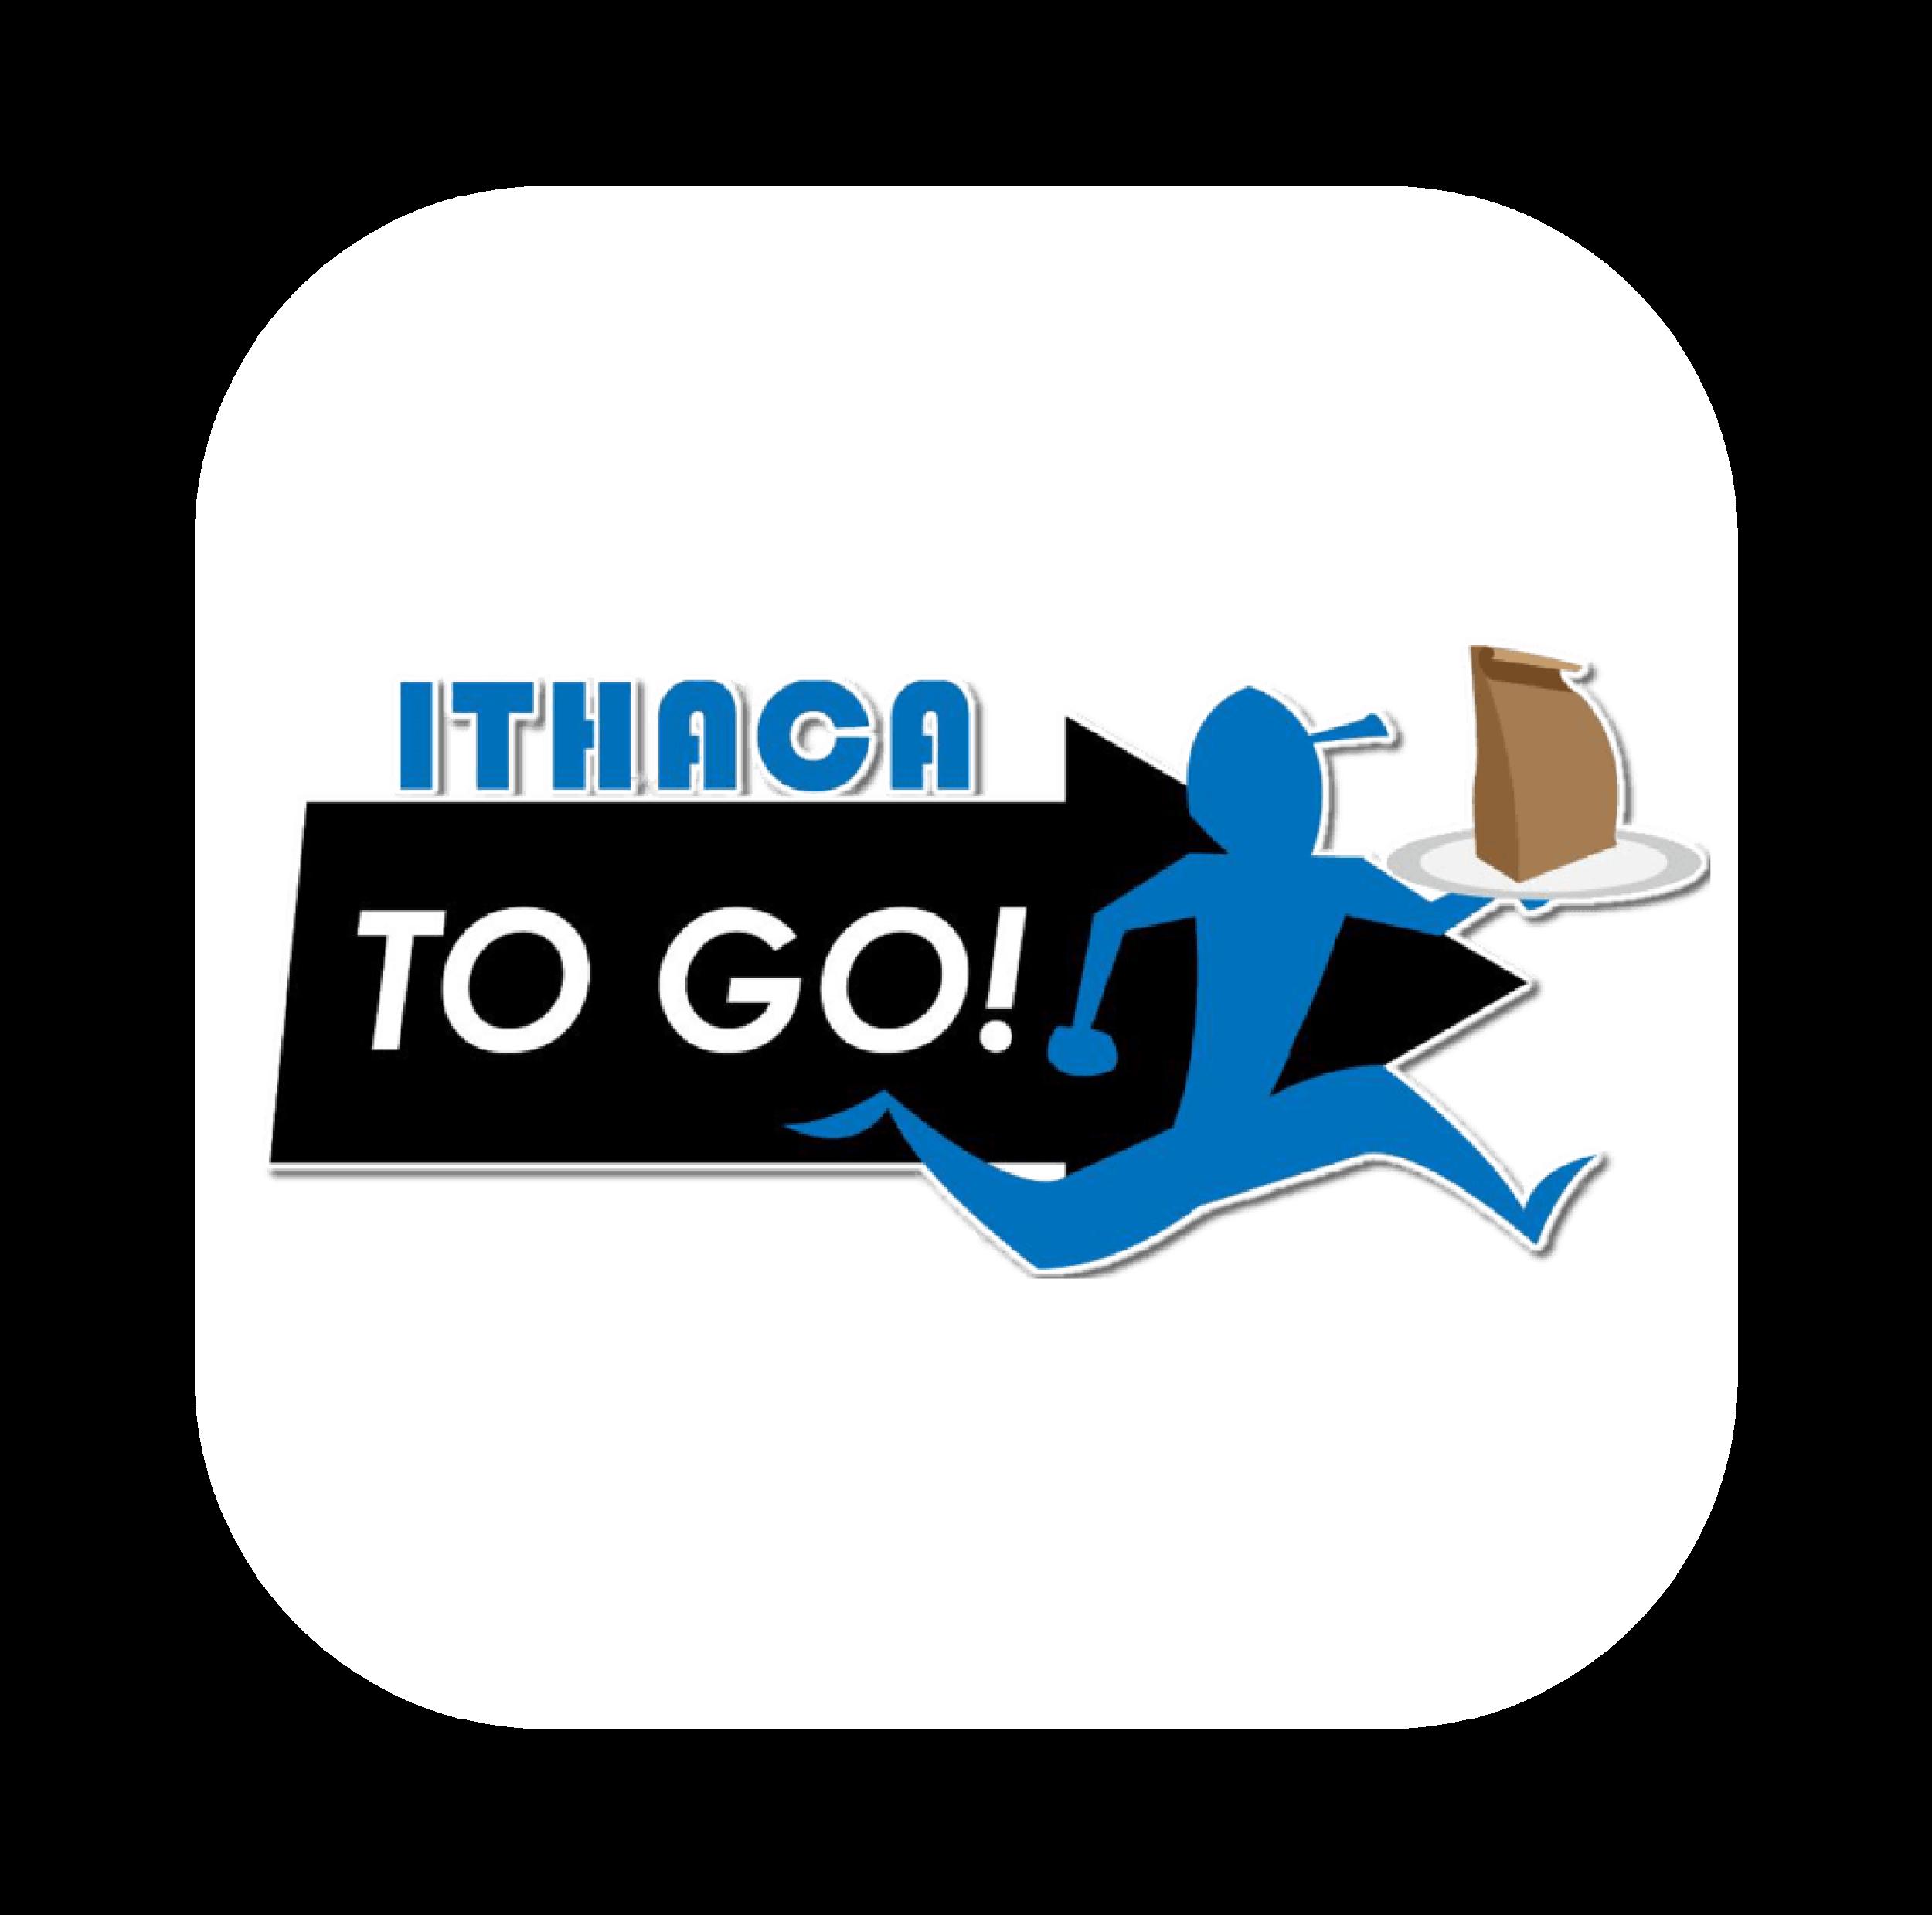 ithaca2go-01.png